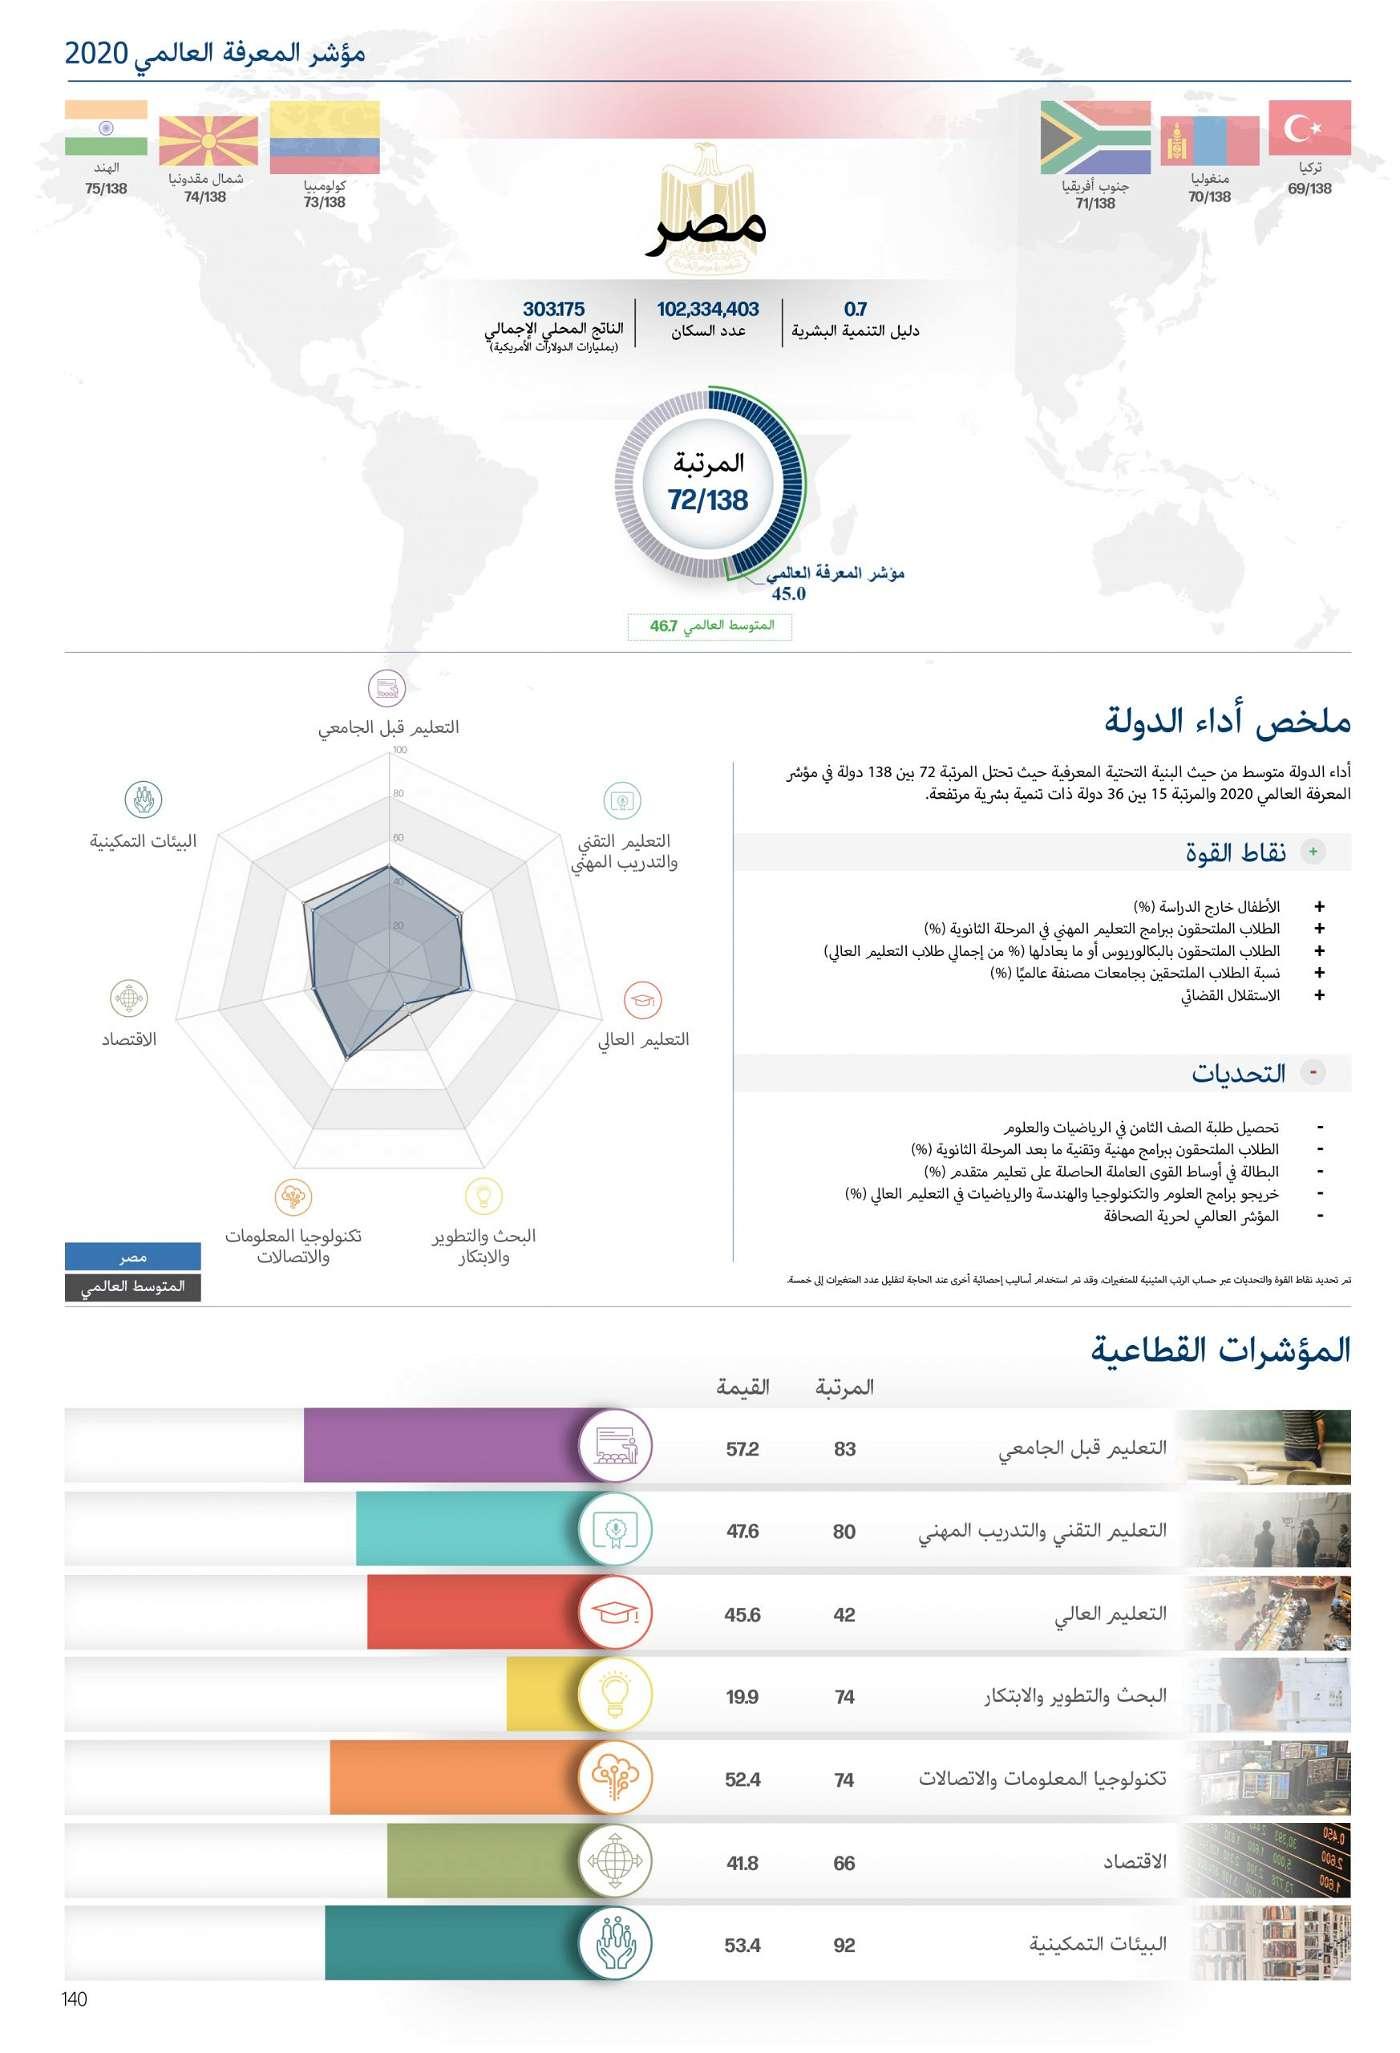 مبروك ياأمم : مصر سجلت ١٠ أجوان في مؤشر المعرفة العالمي